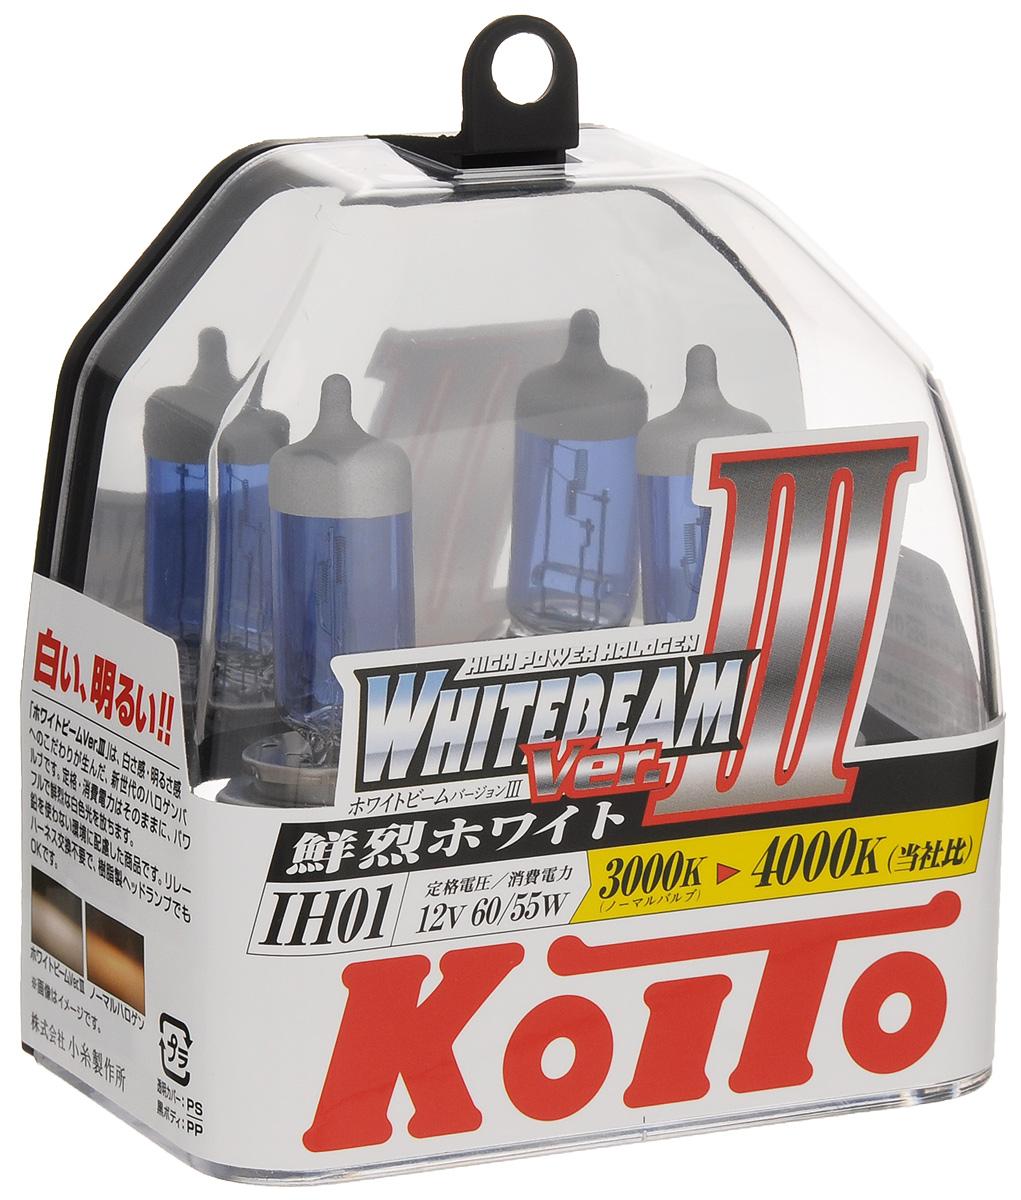 Лампа высокотемпературная Koito Whitebeam IH01 12V 60/55W (100/90W) пластиковая упаковка - 2 шт комплект P0745W лампы koito